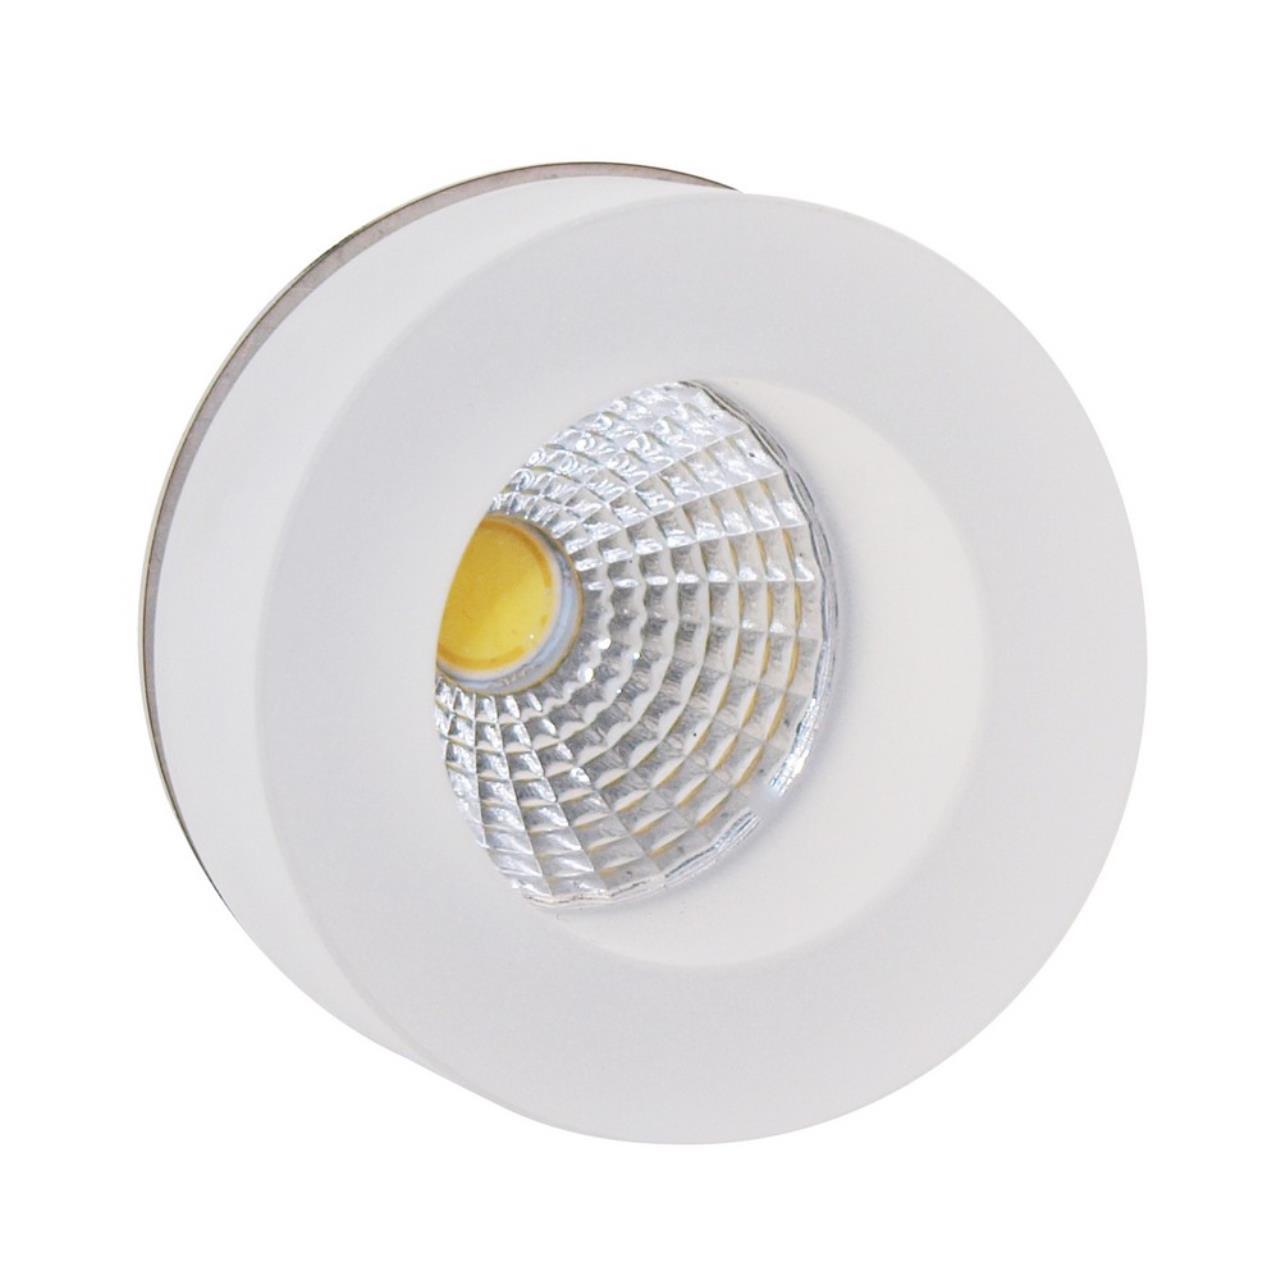 Встраиваемый-накладной светильник Aployt APL.0094.09.05